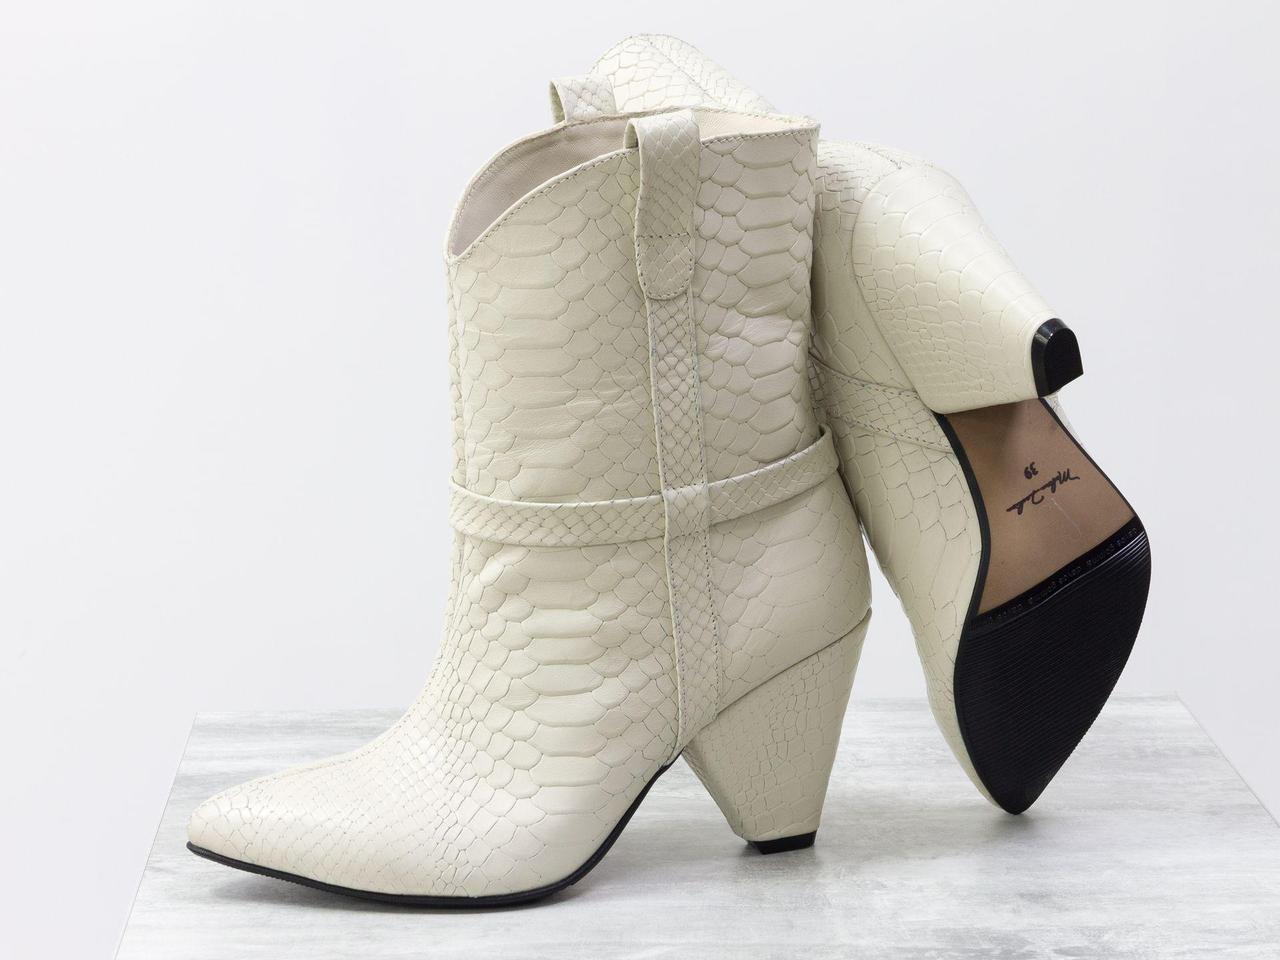 Стильные сапоги казаки из натуральной кожи цвета молочного цвета на устойчивом высоком треугольном каблуке